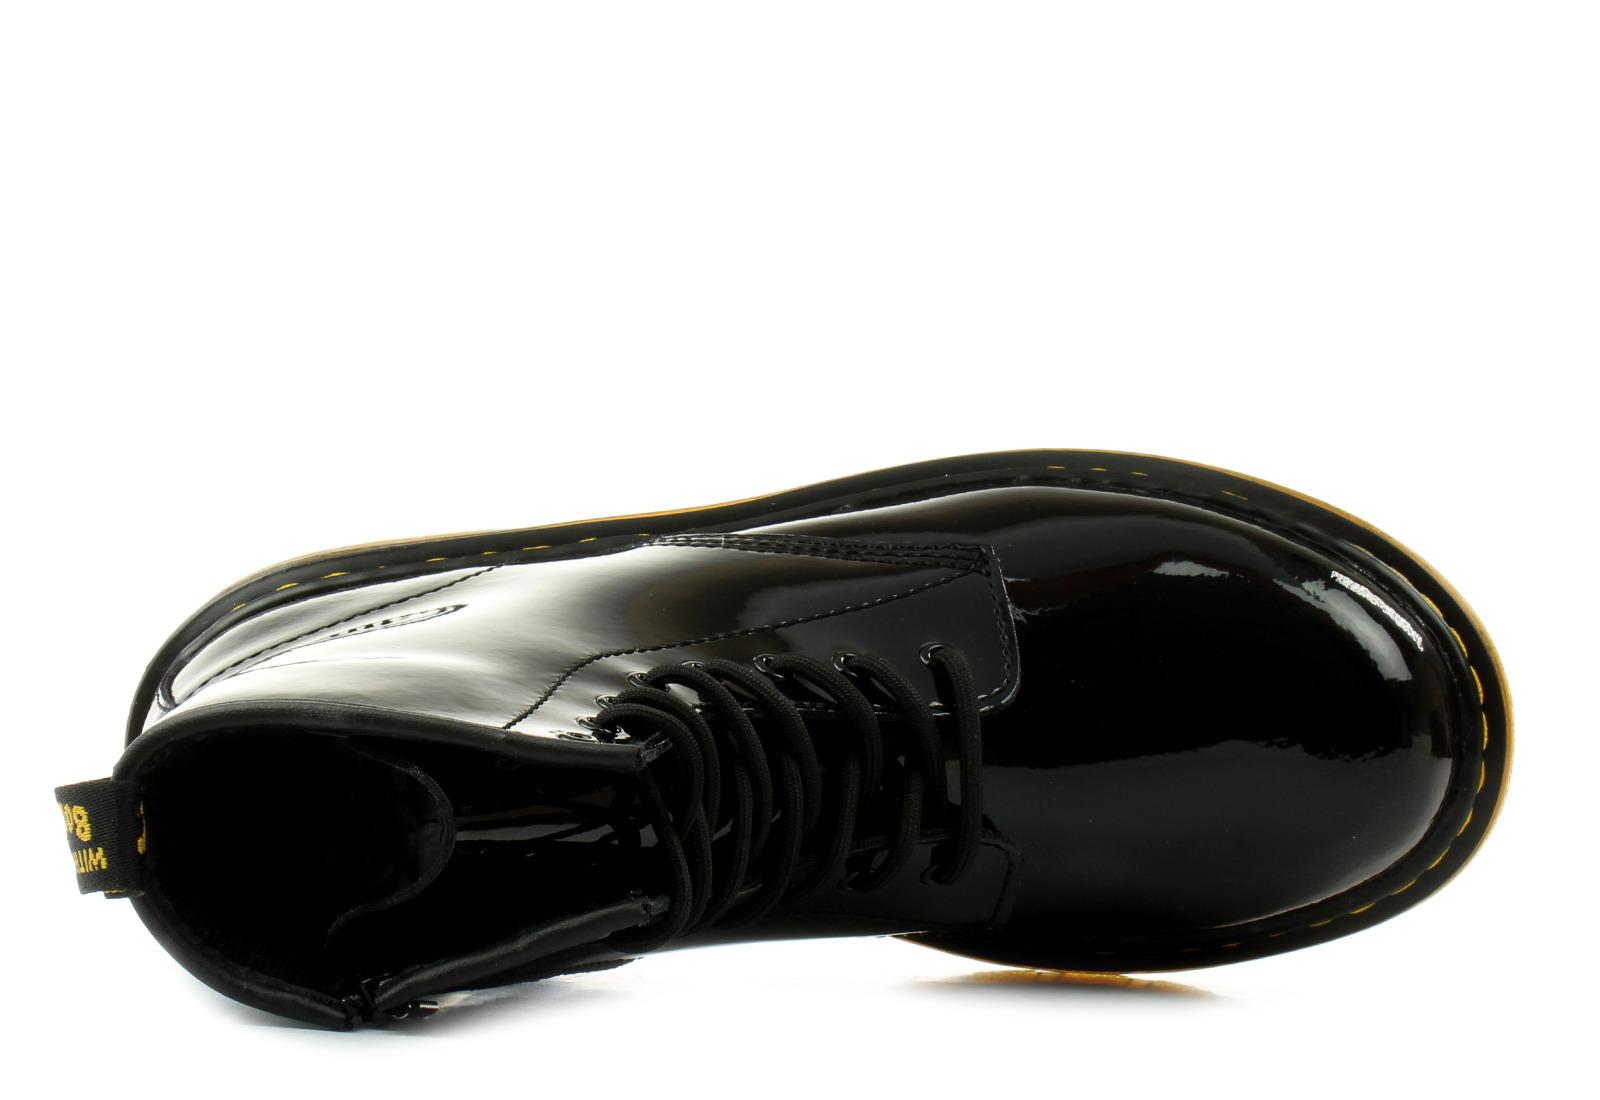 4510179048ce Dr Martens Boots - 1460 Patent Y - DM21979001 - Online shop for ...